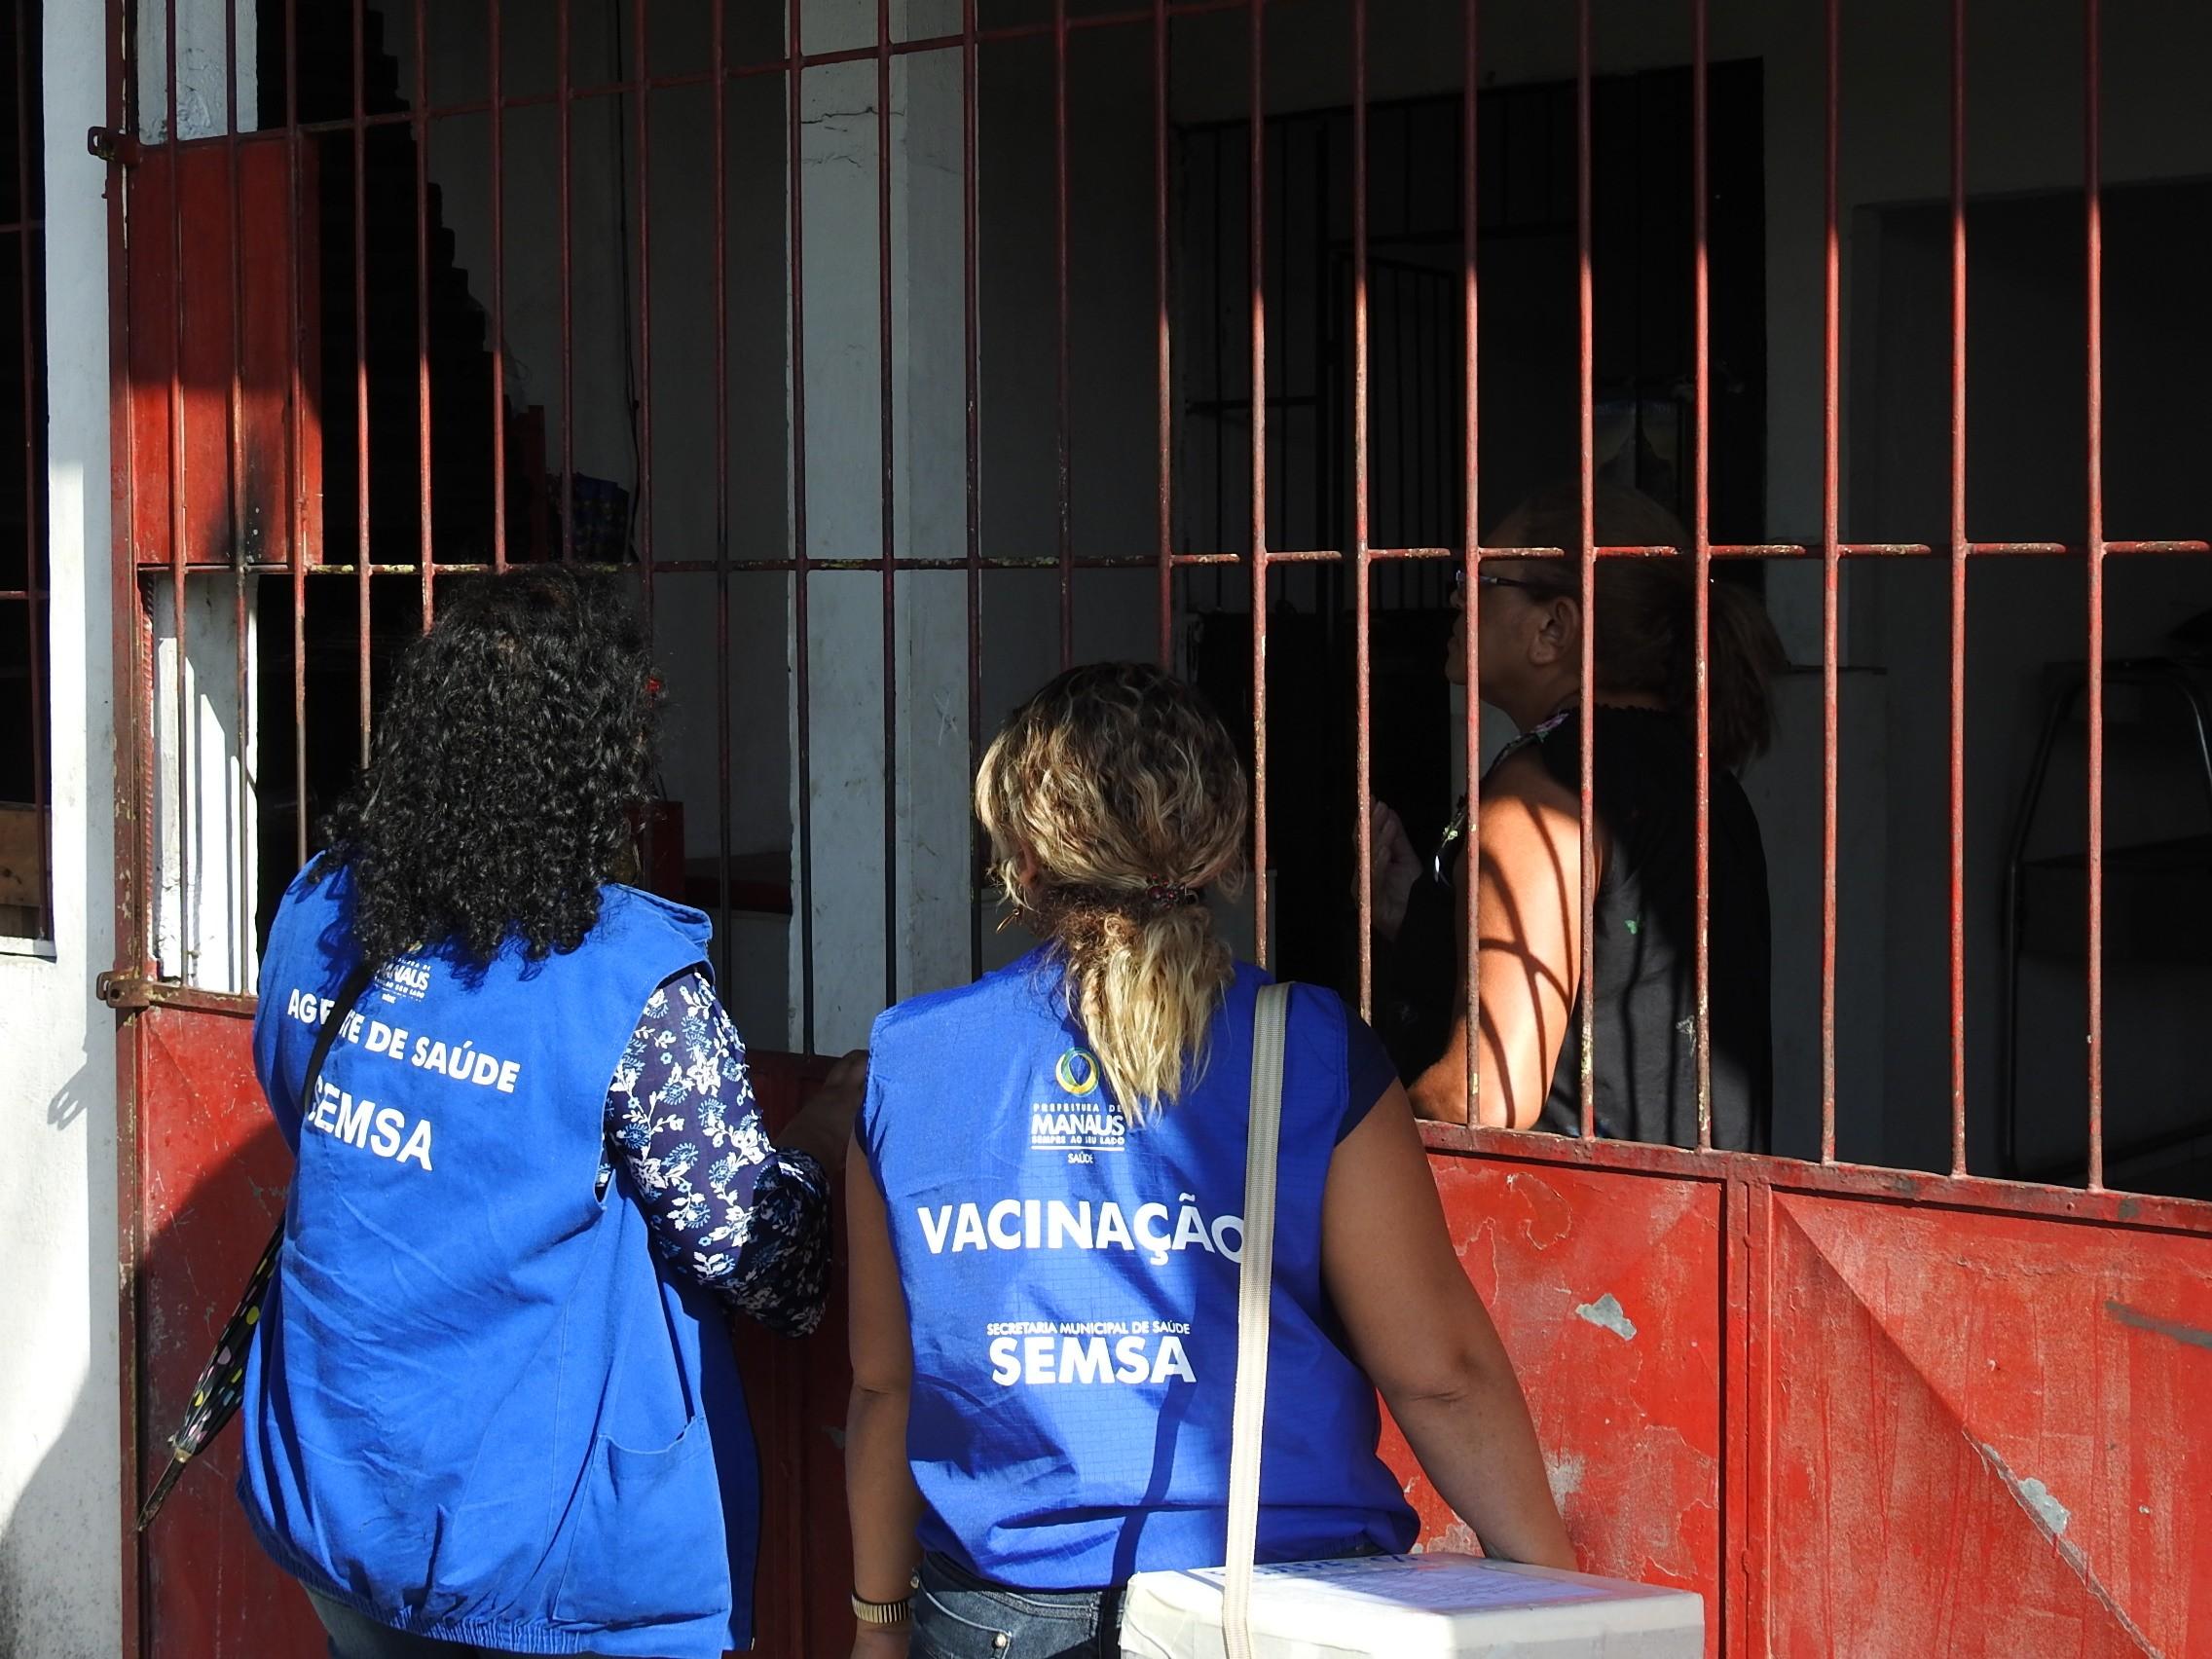 Agentes vão de casa em casa vacinar contra sarampo após aumento de números da doença em Manaus